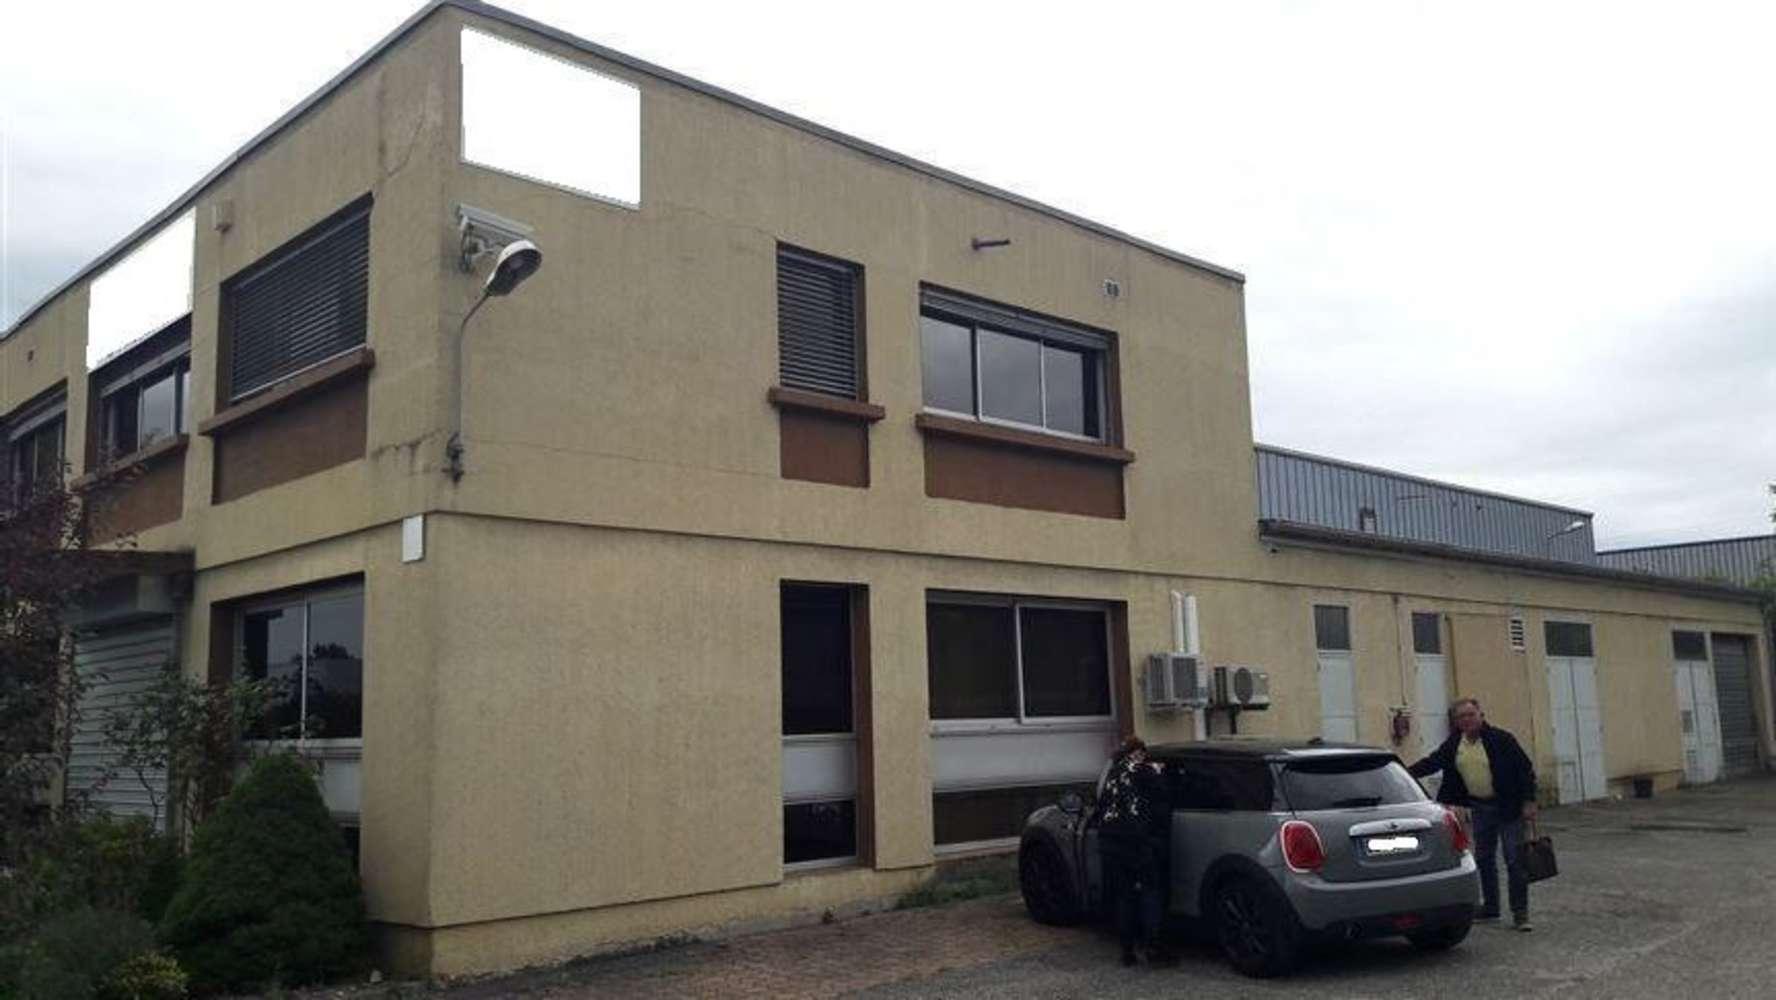 Activités/entrepôt Vaulx en velin, 69120 - Location entrepot Lyon Est - Rhone - 9938308